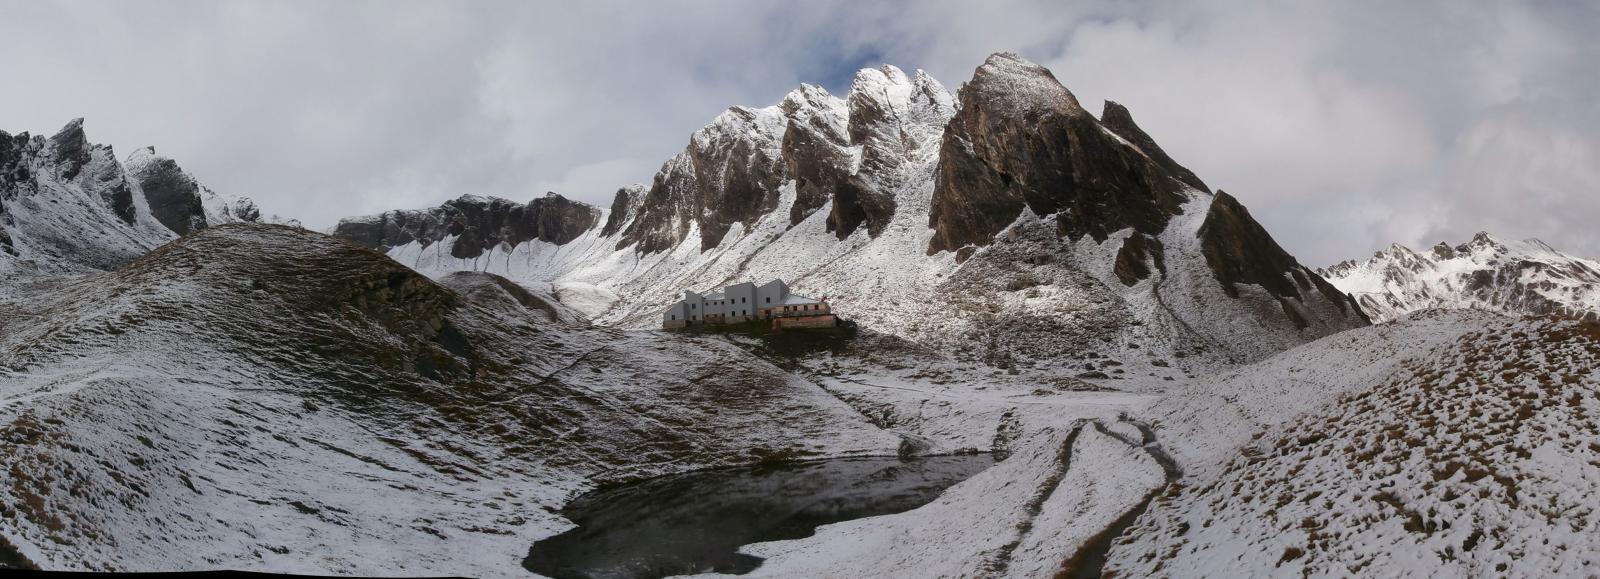 il bellissimo ambiente col rifugio Frassati...